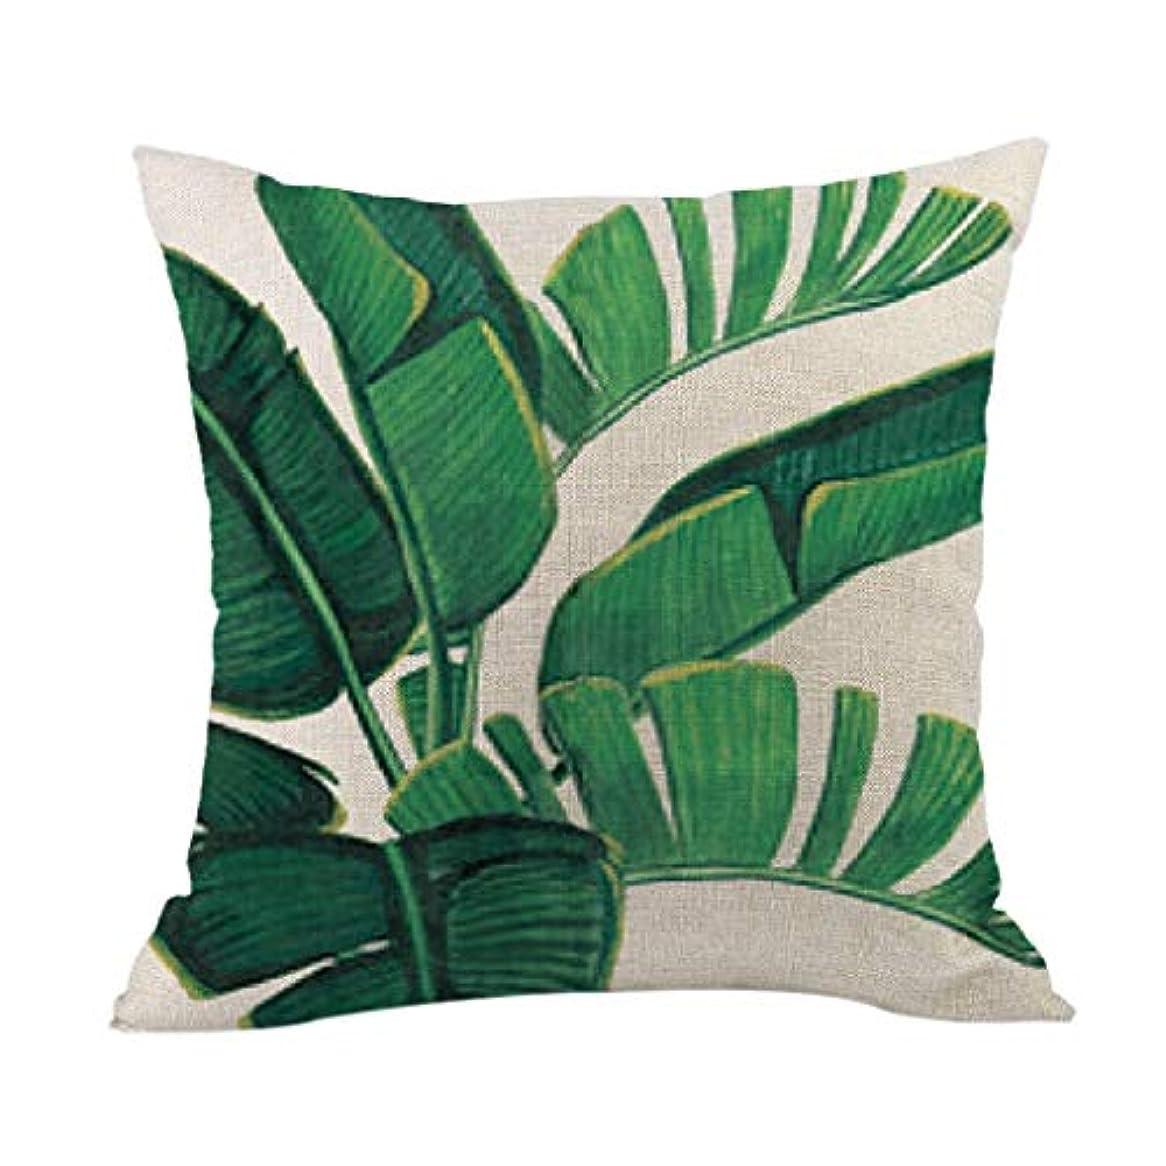 人質補充流出LIFE 高品質クッション熱帯植物ポリエステル枕ソファ投げるパッドセットホーム人格クッション coussin decoratif クッション 椅子